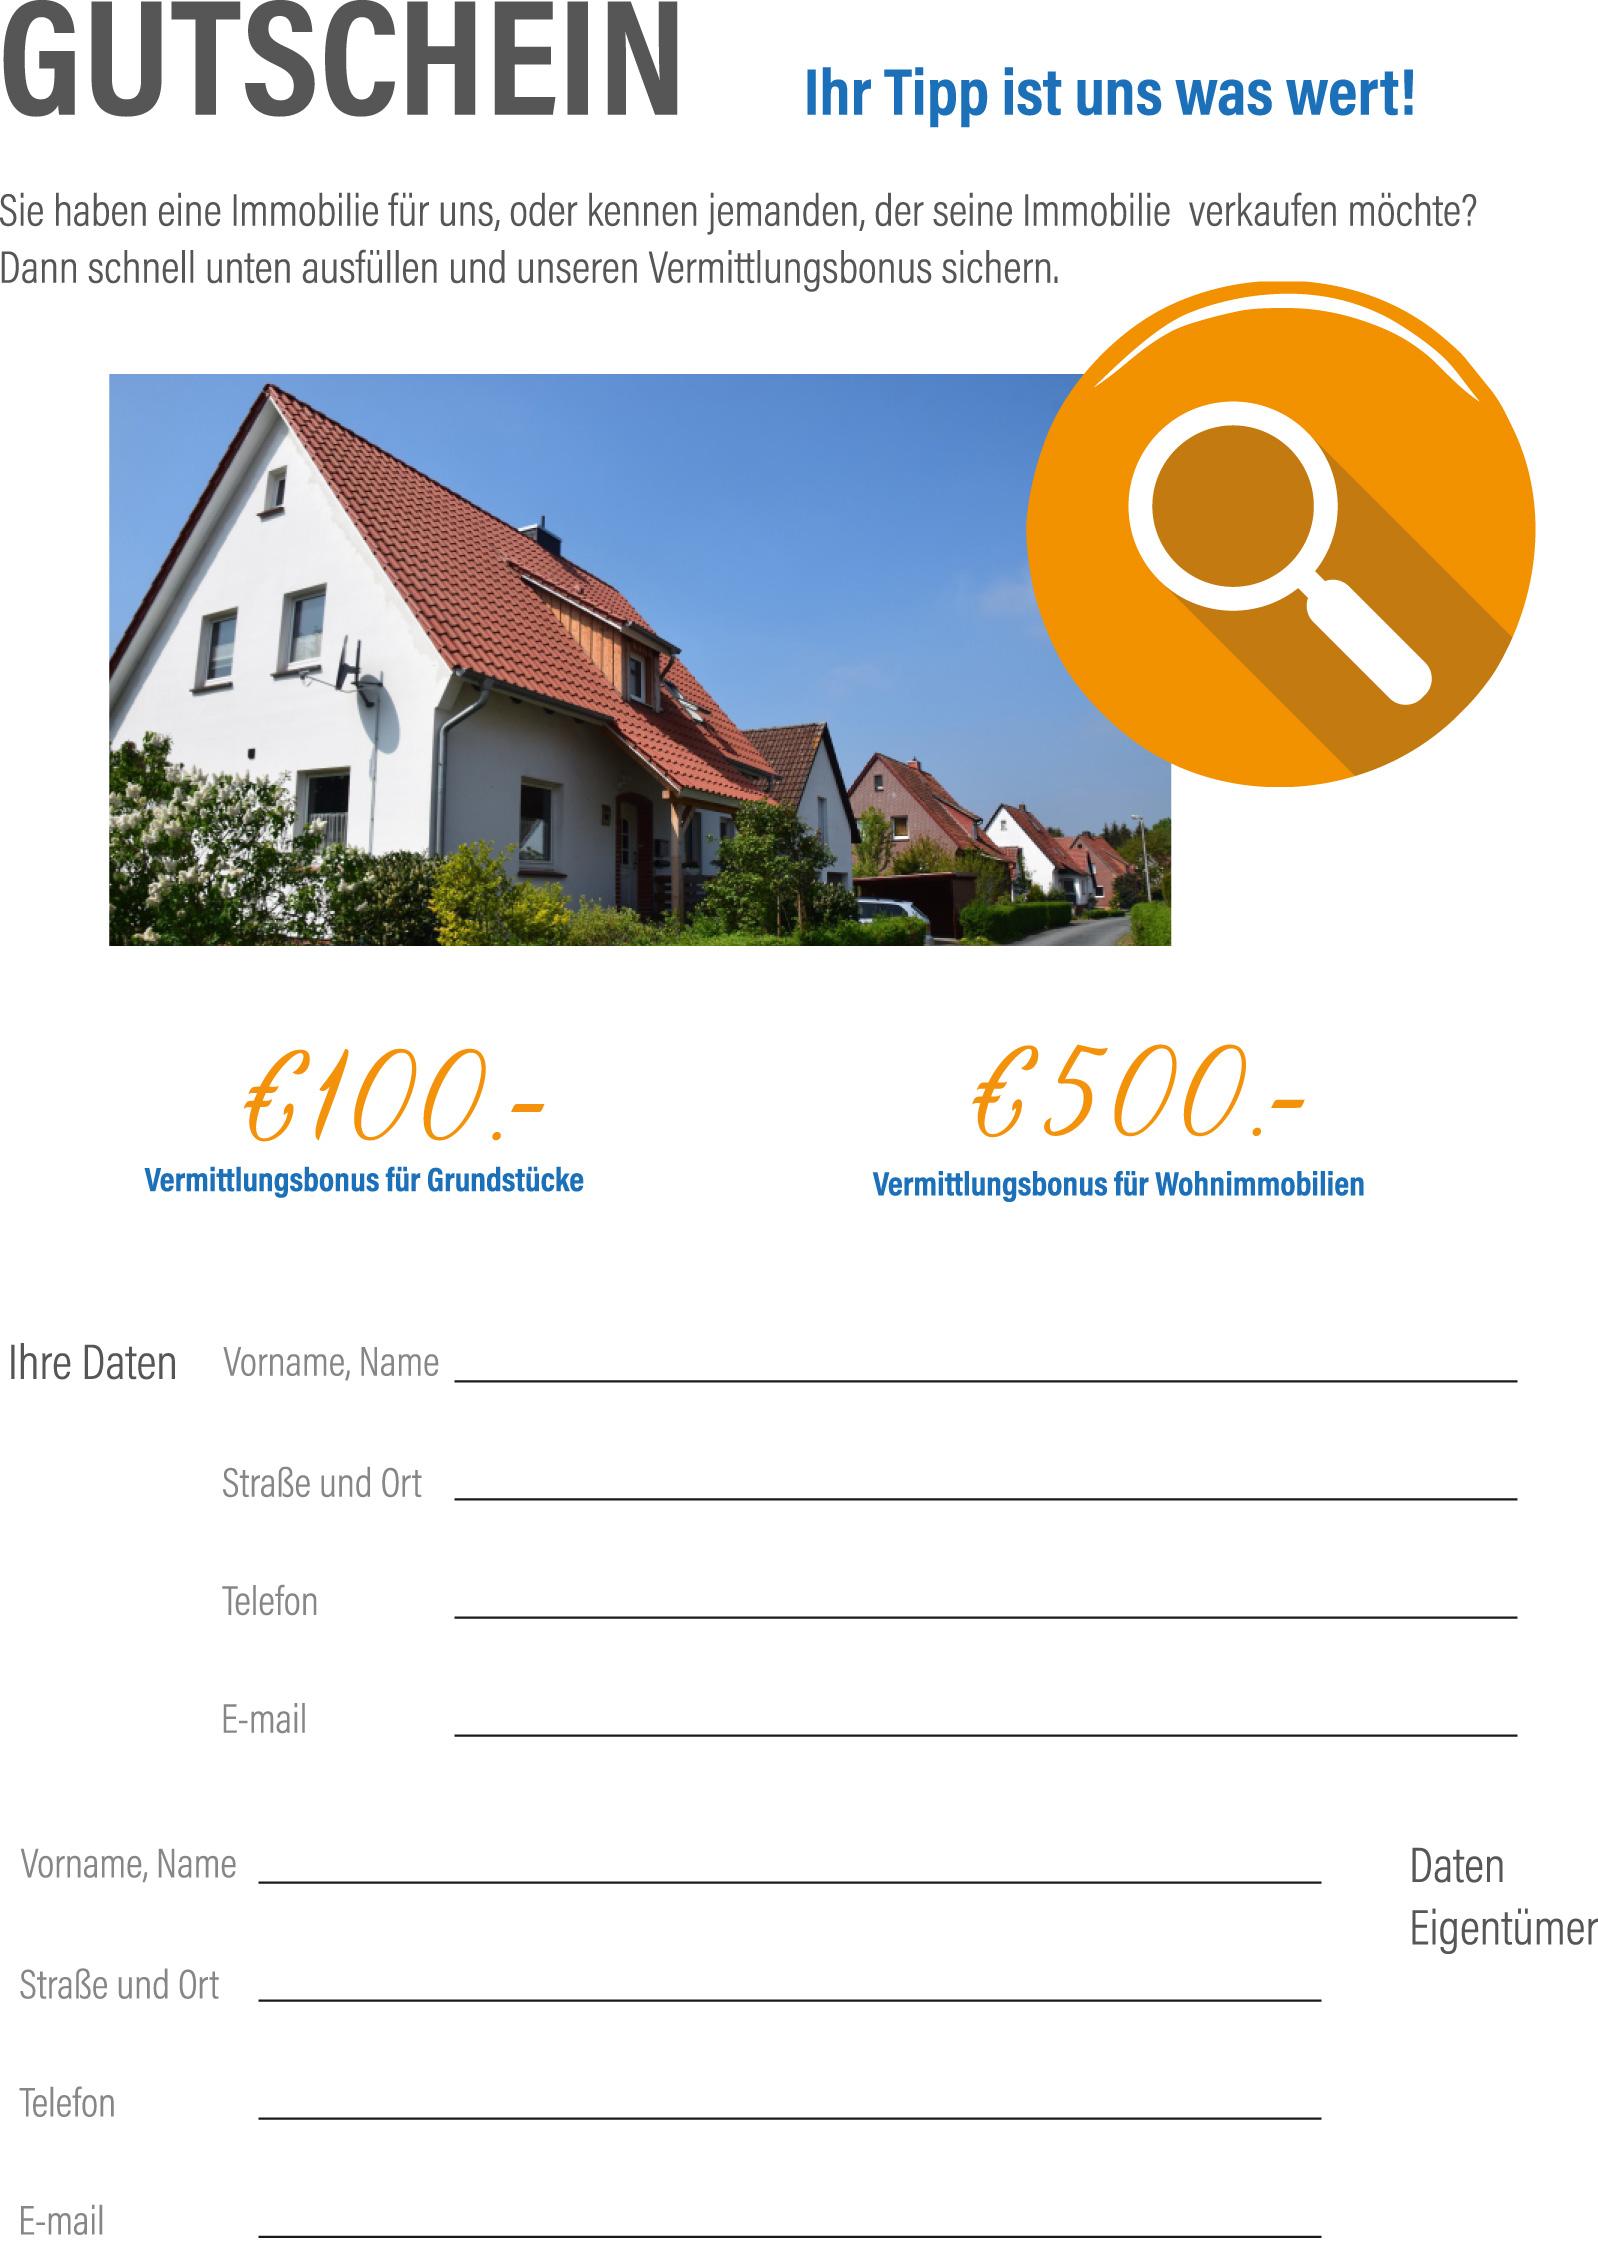 GUTSCHEIN Immobilien-Tipp